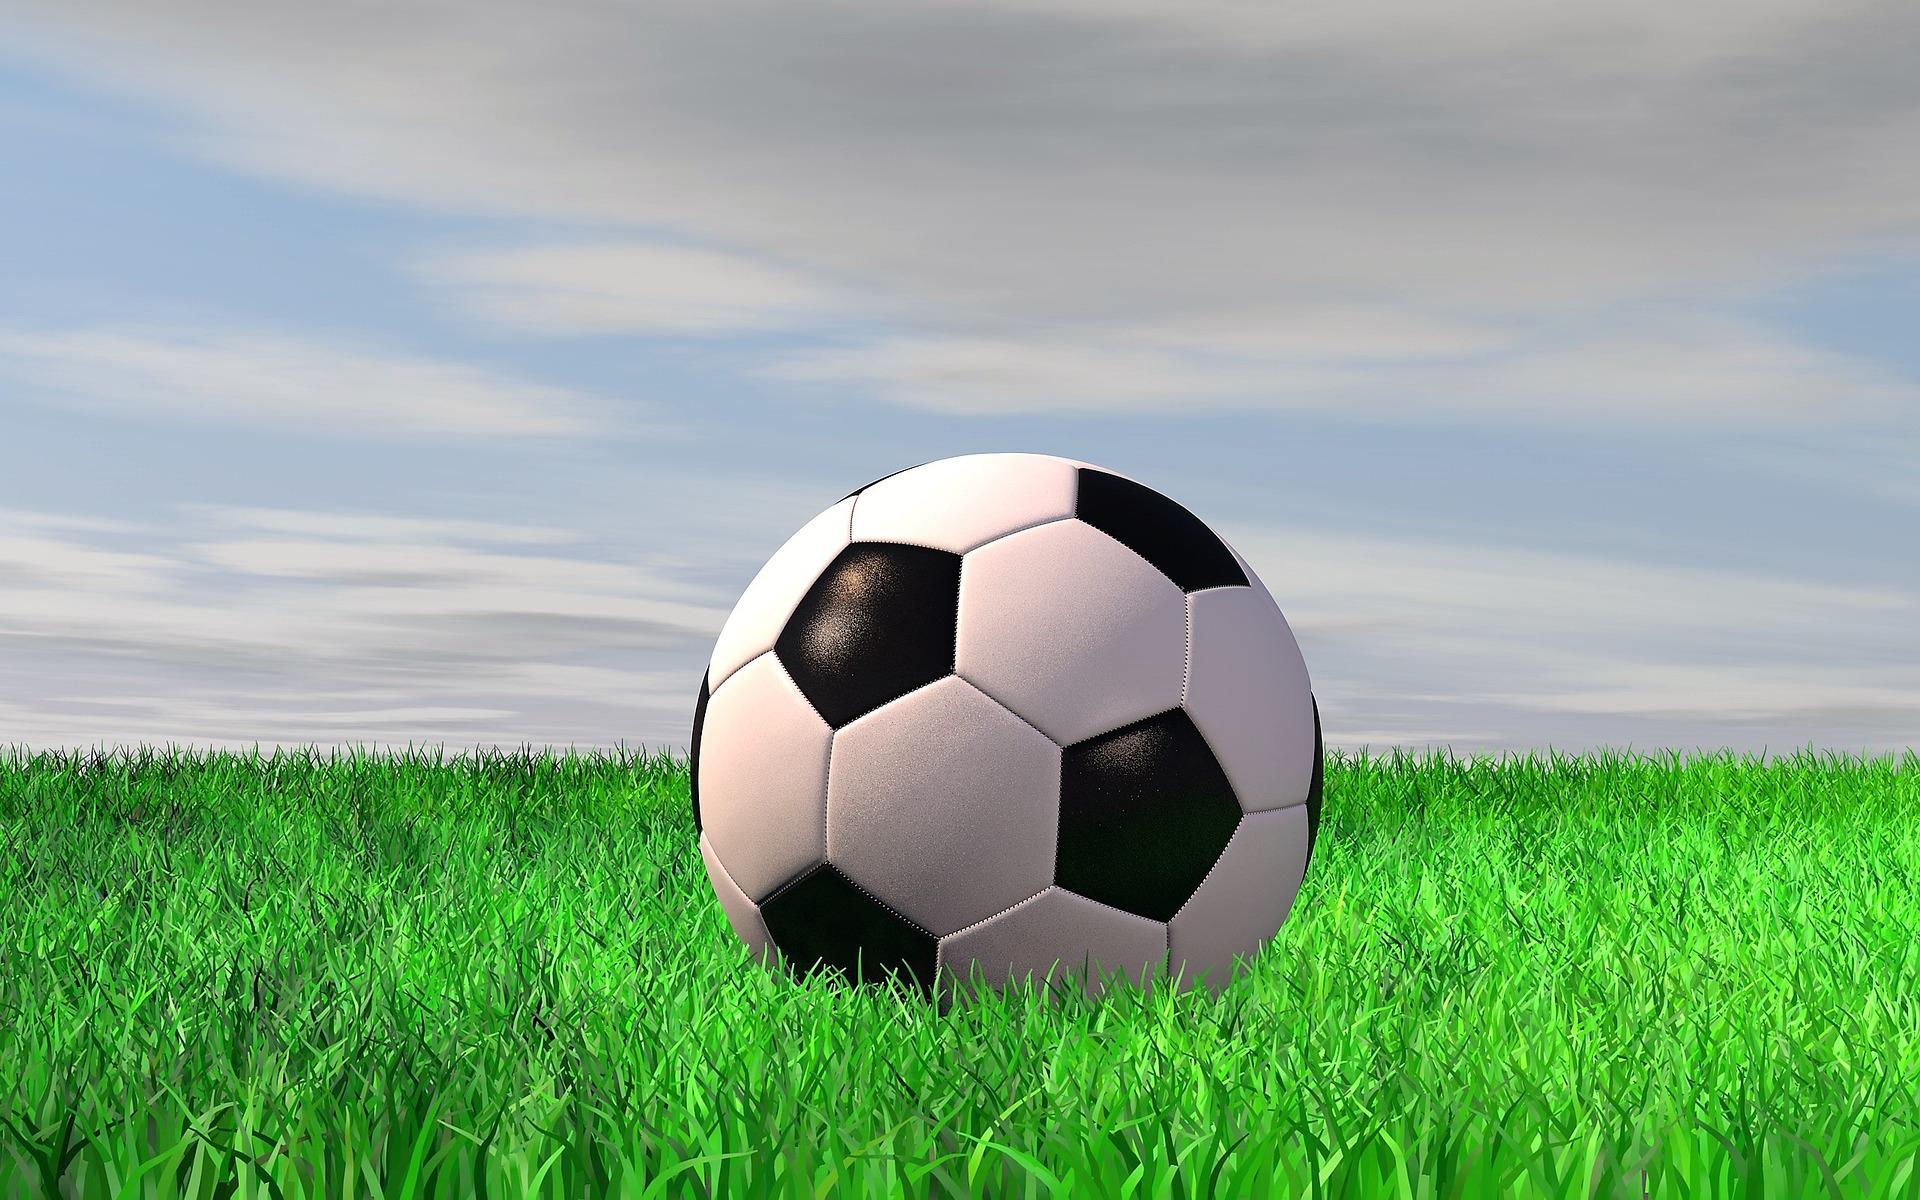 Fussball Naehte